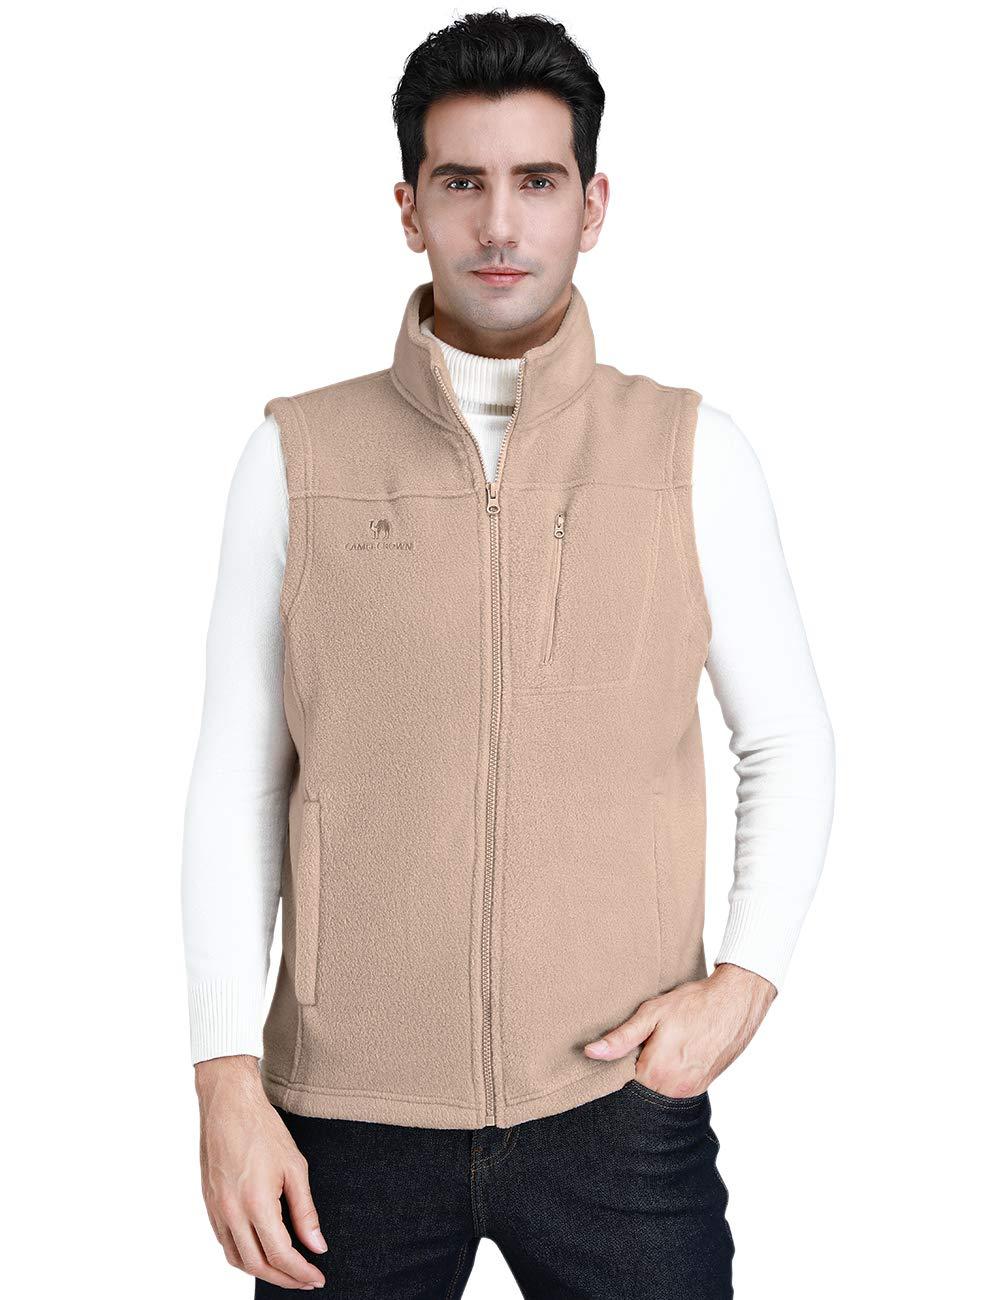 CAMEL CROWN Chaqueta sin Mangas Chaleco de Forro Polar Hombre Mujer al Aire Libre con Bolsillos y Cremallera Fleece Vest